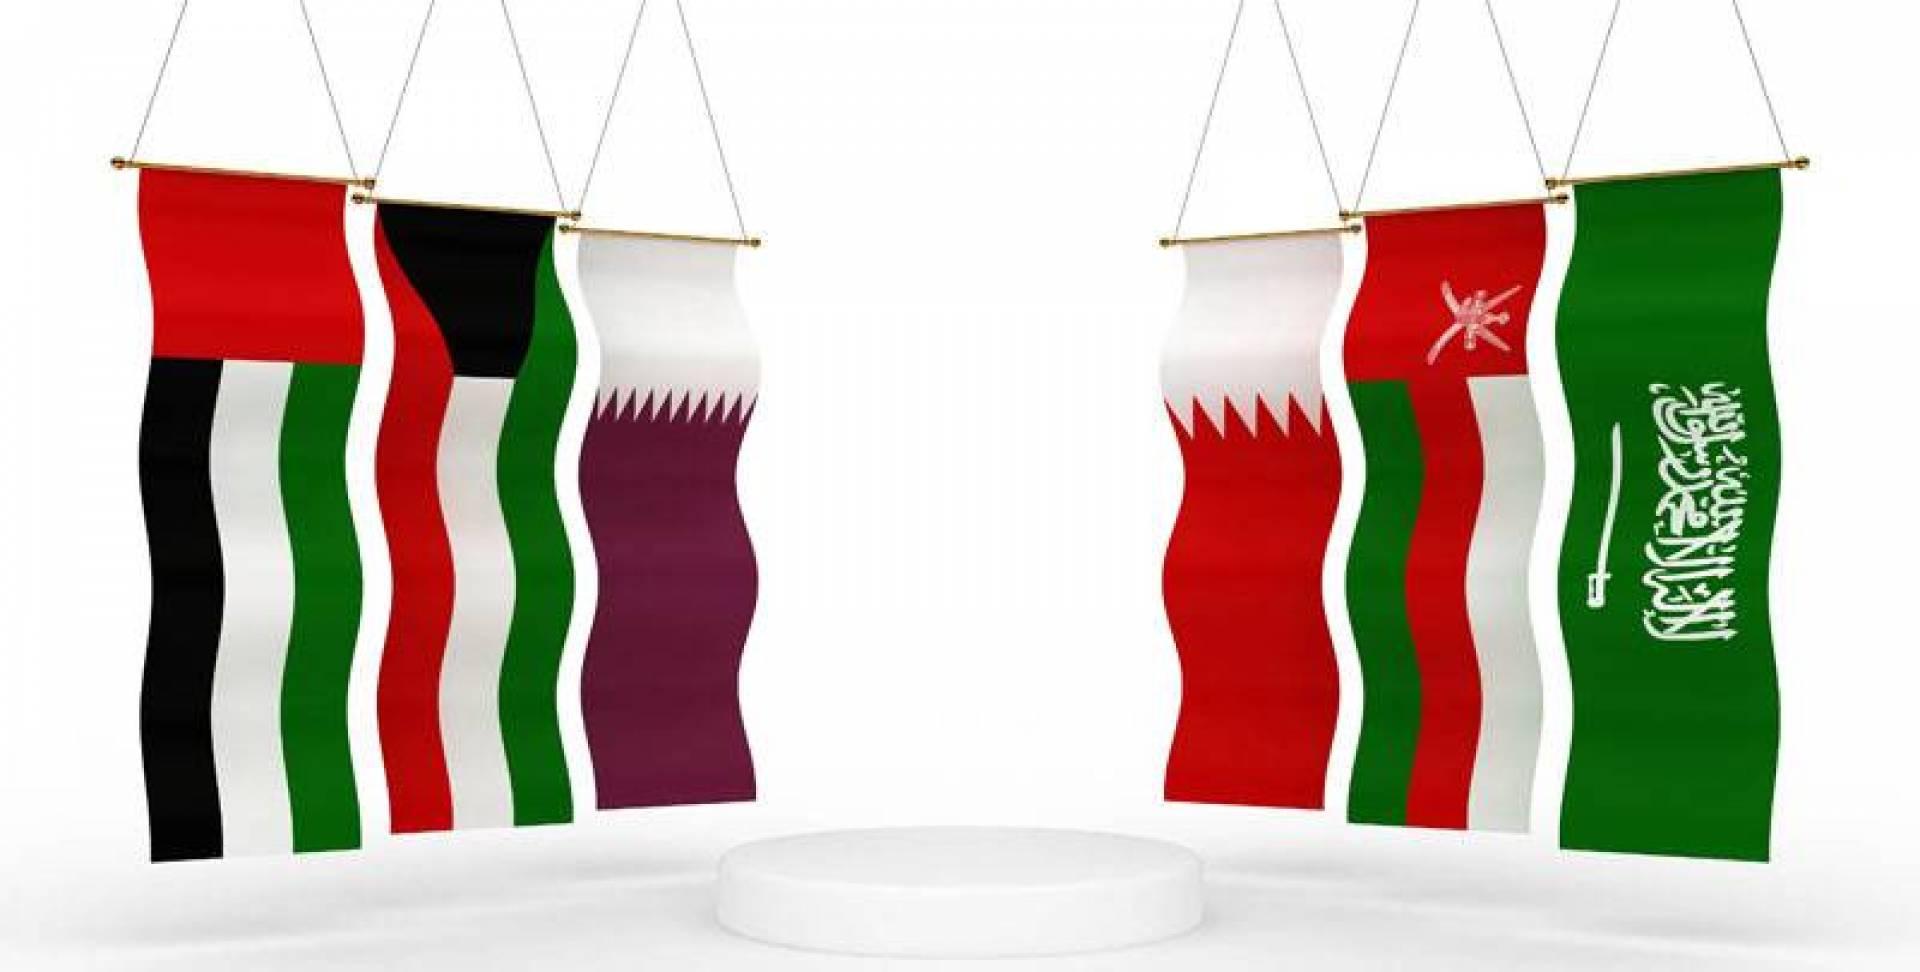 اقتصادات الخليج الأكثر تحملاً لتطبيق التقشف..عالمياً